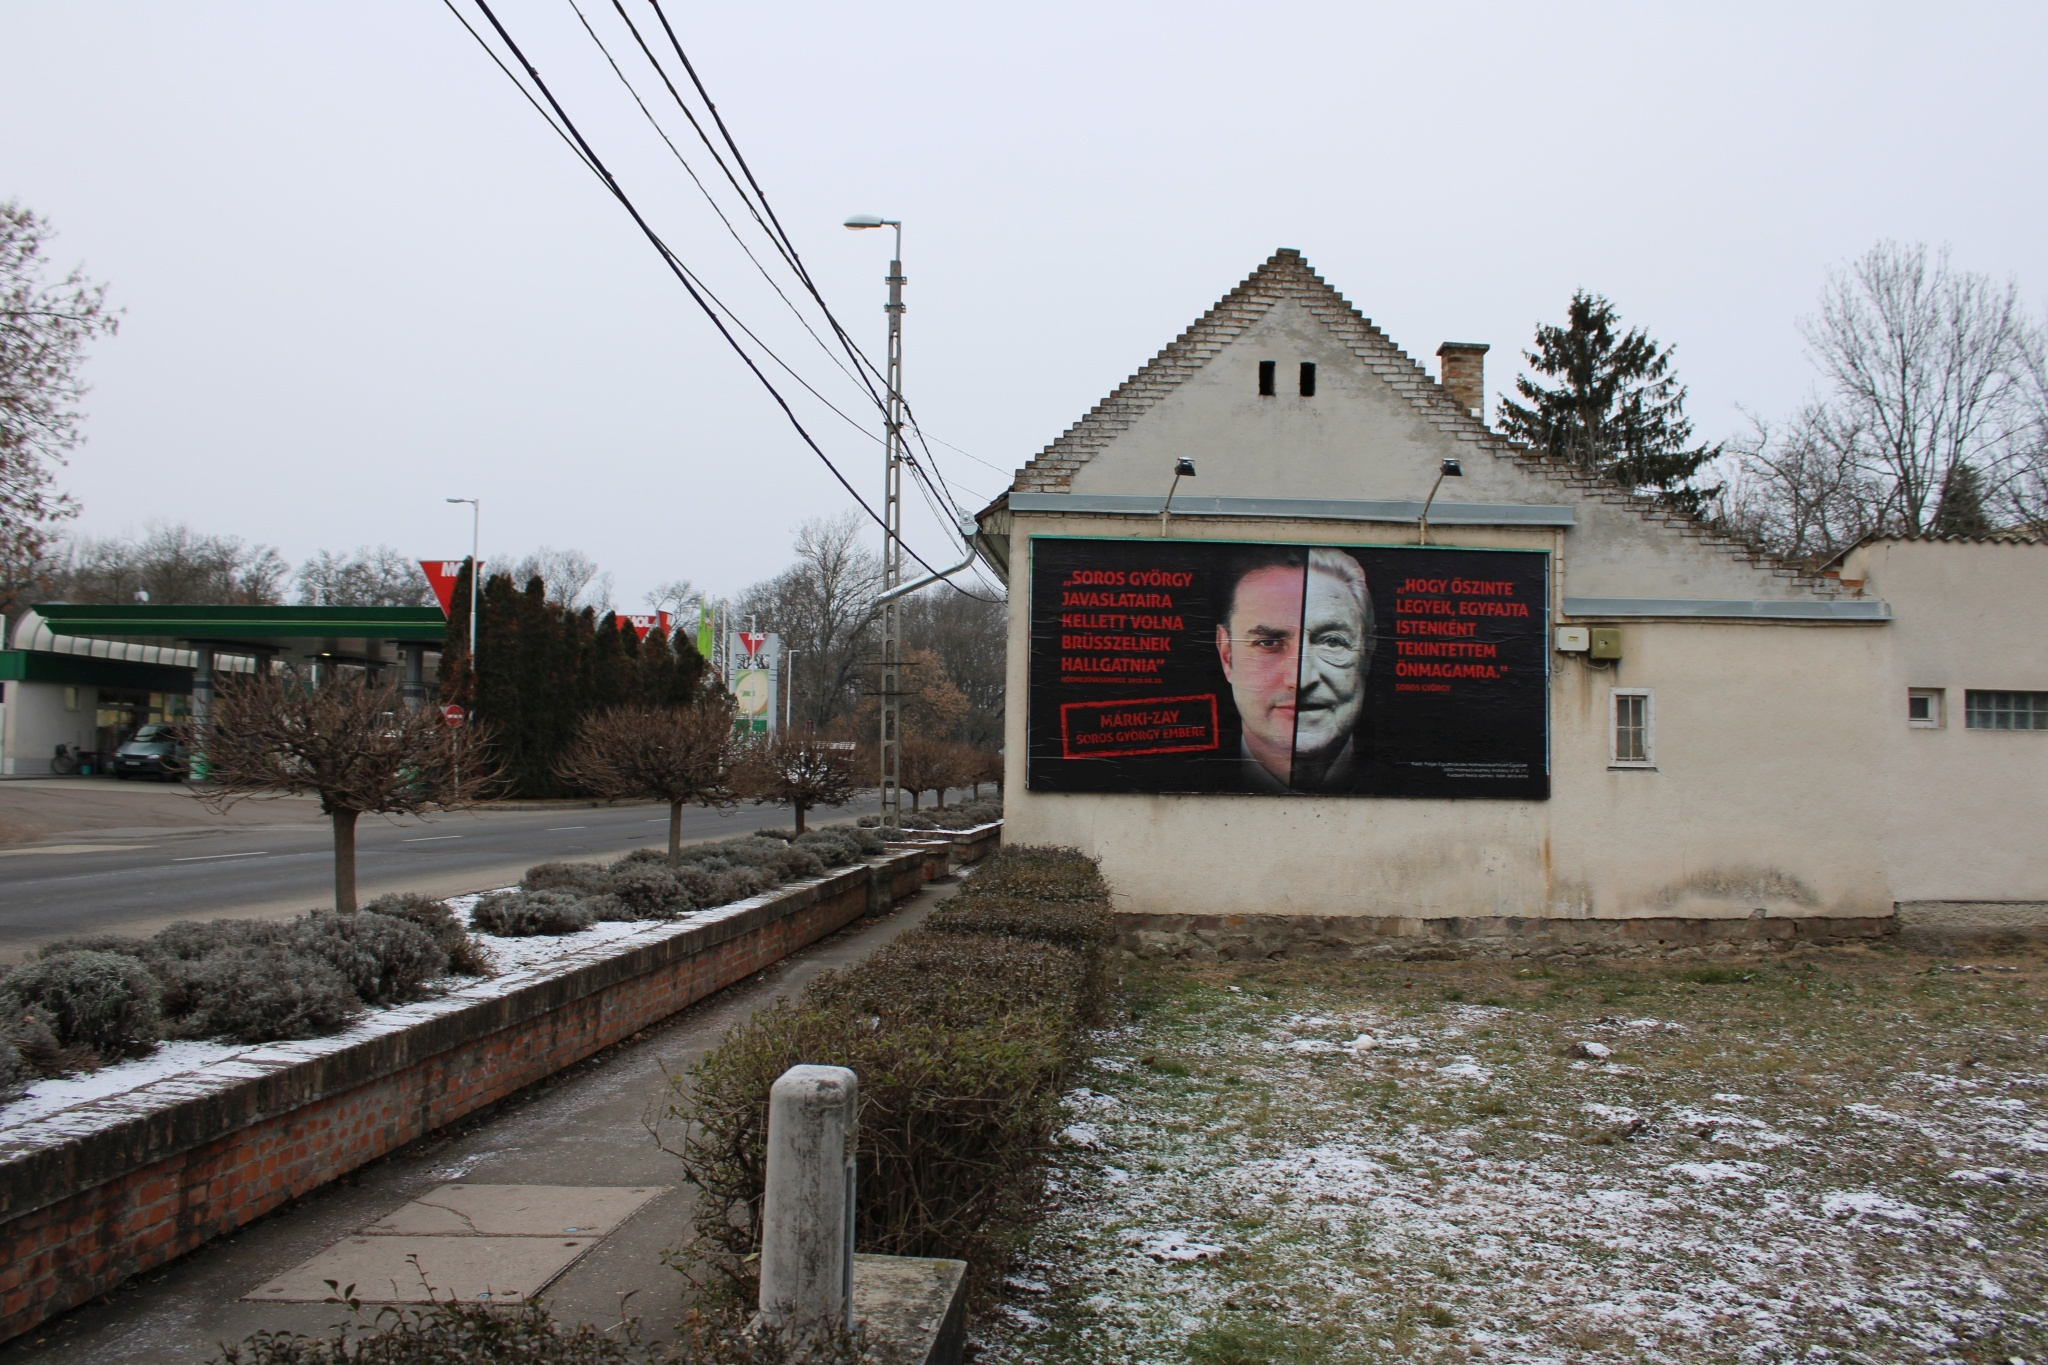 Egy Fidesz-közeli egyesület kiplakátolta Hódmezővásárhelyt azzal, hogy Márki-Zay magyarellenes